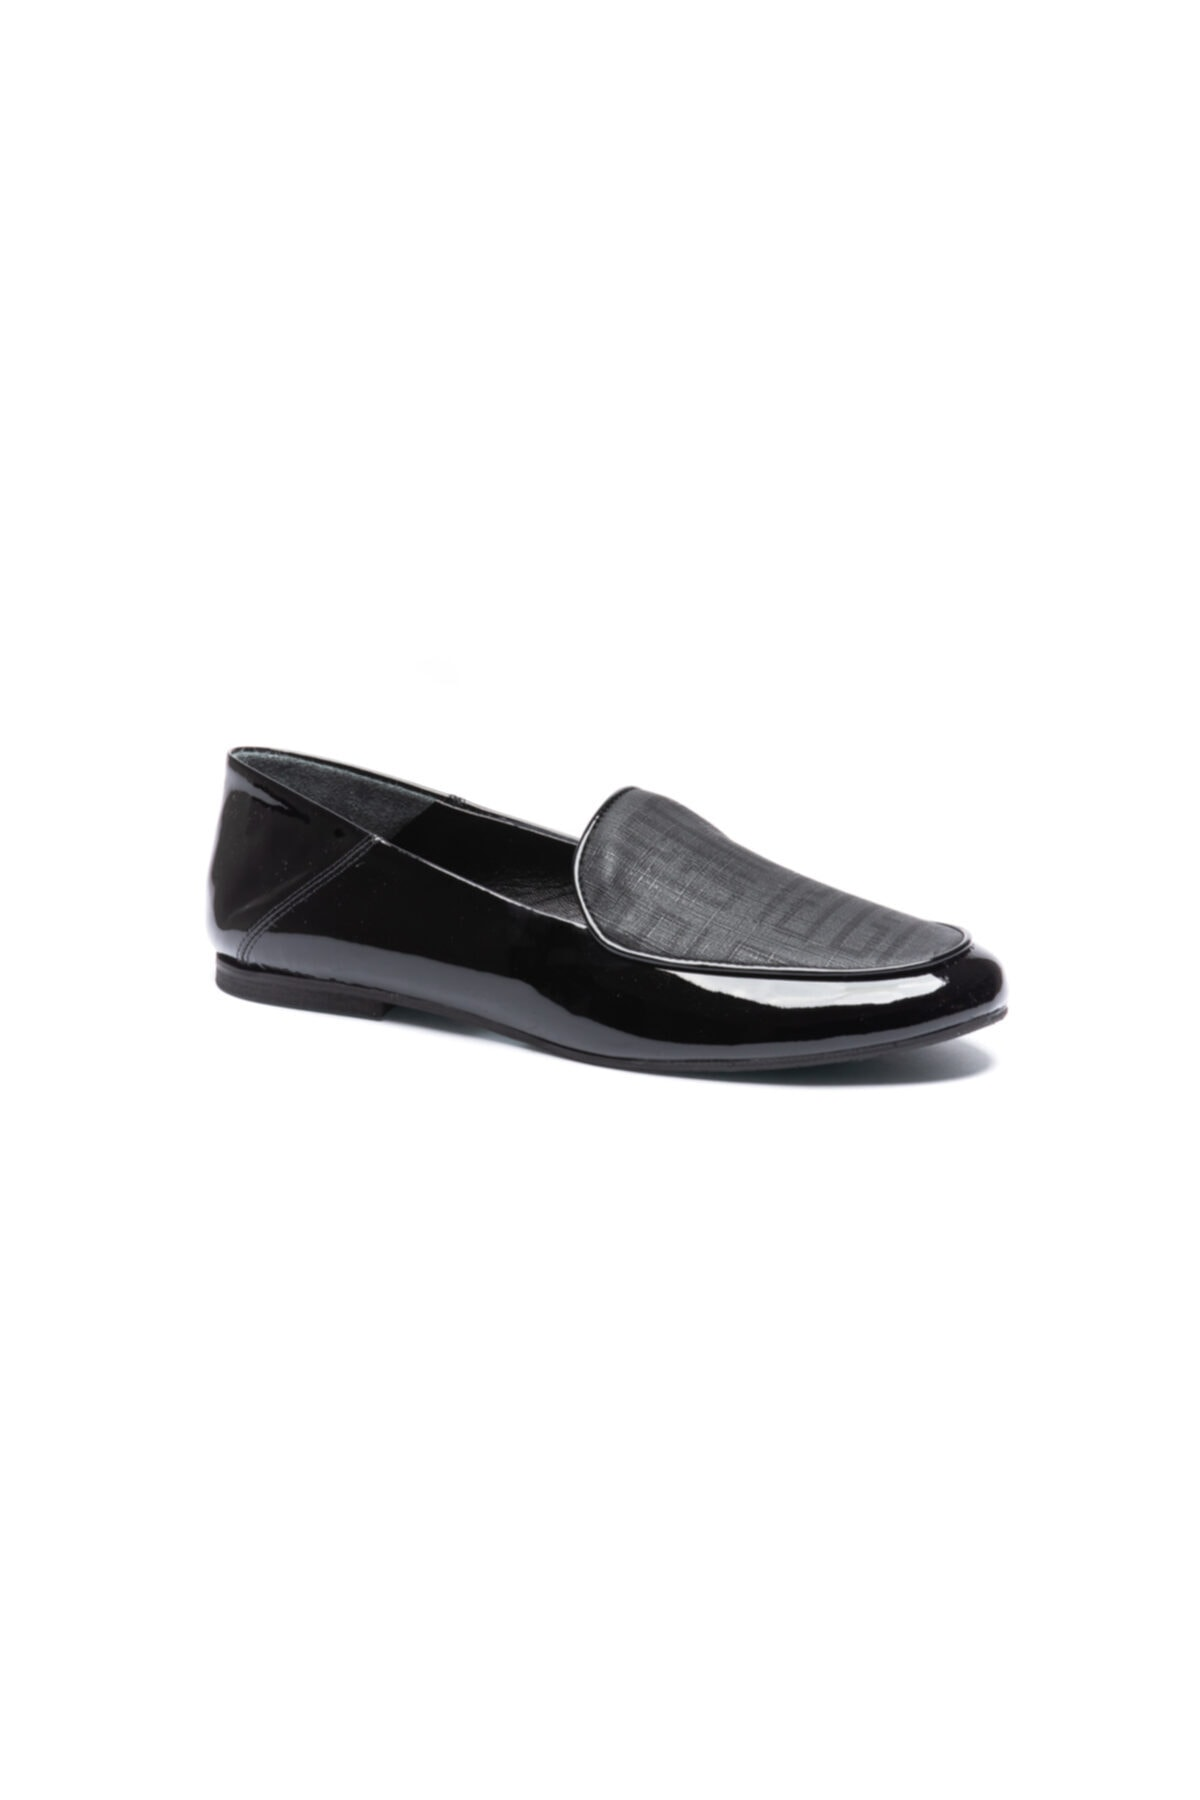 Silver Polo Kadın Siyah Hakiki Deri Klasik Ayakkabı